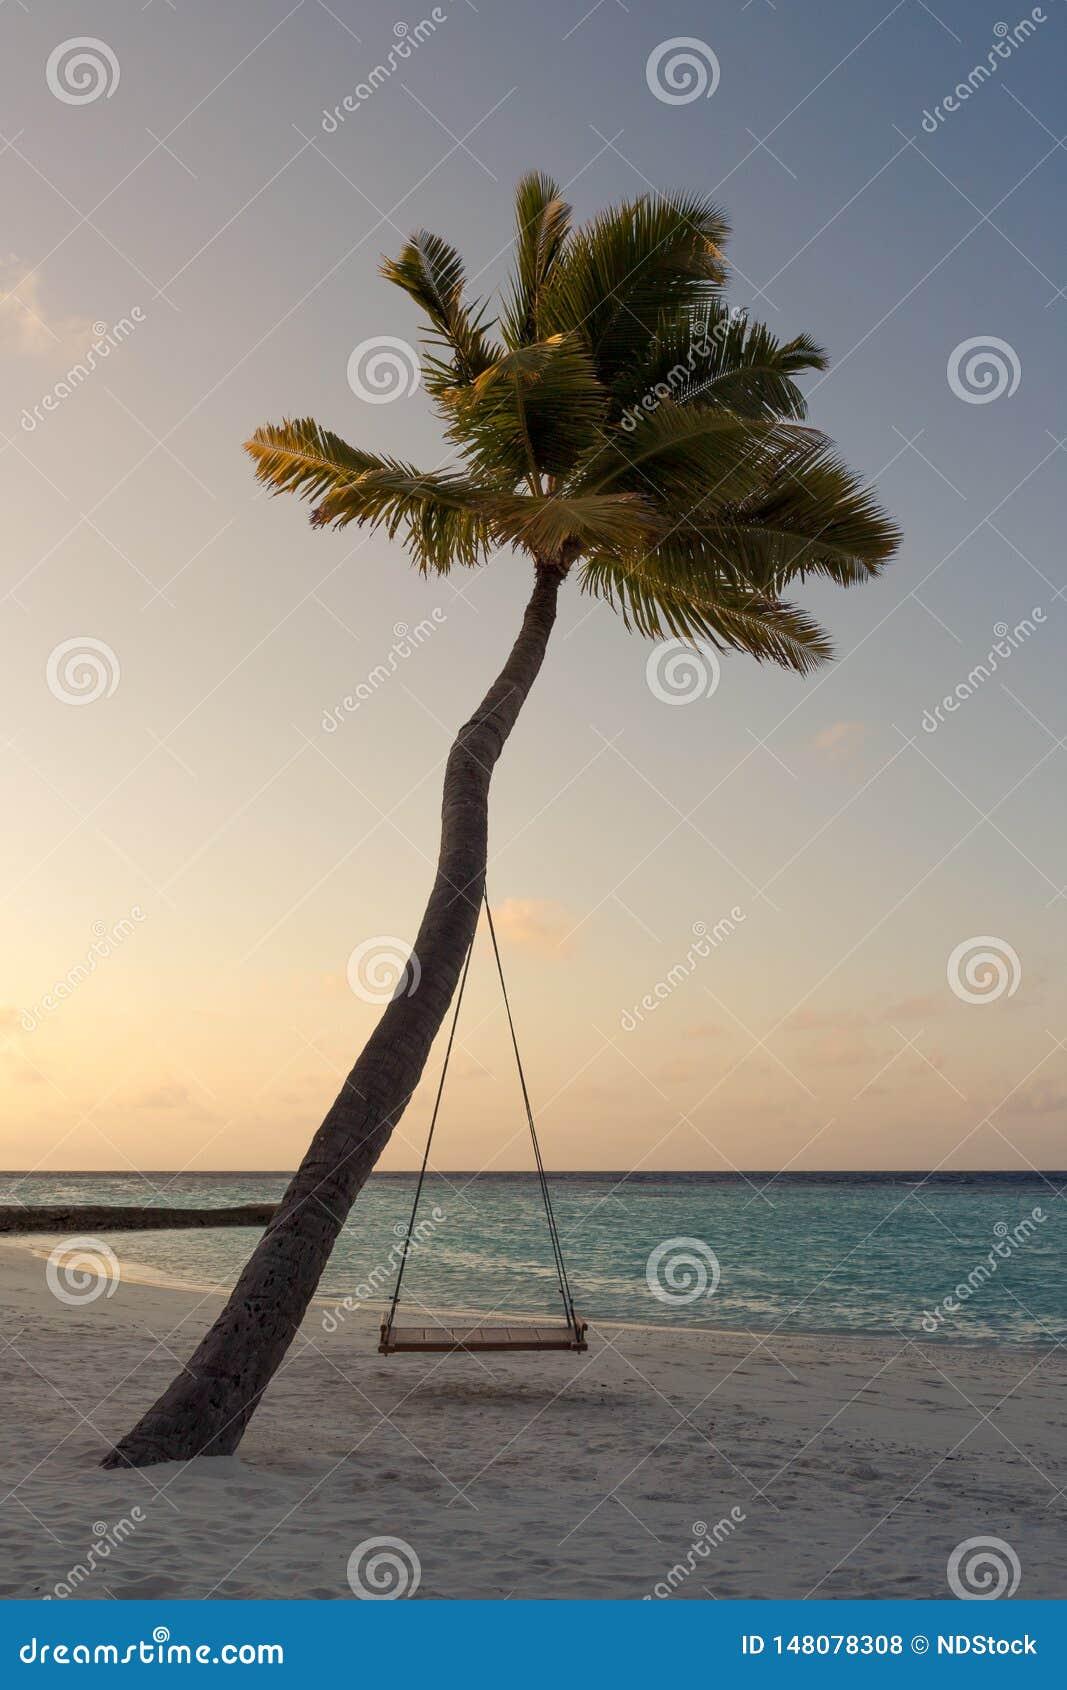 Imagem de uma palmeira e um balanço durante o por do sol